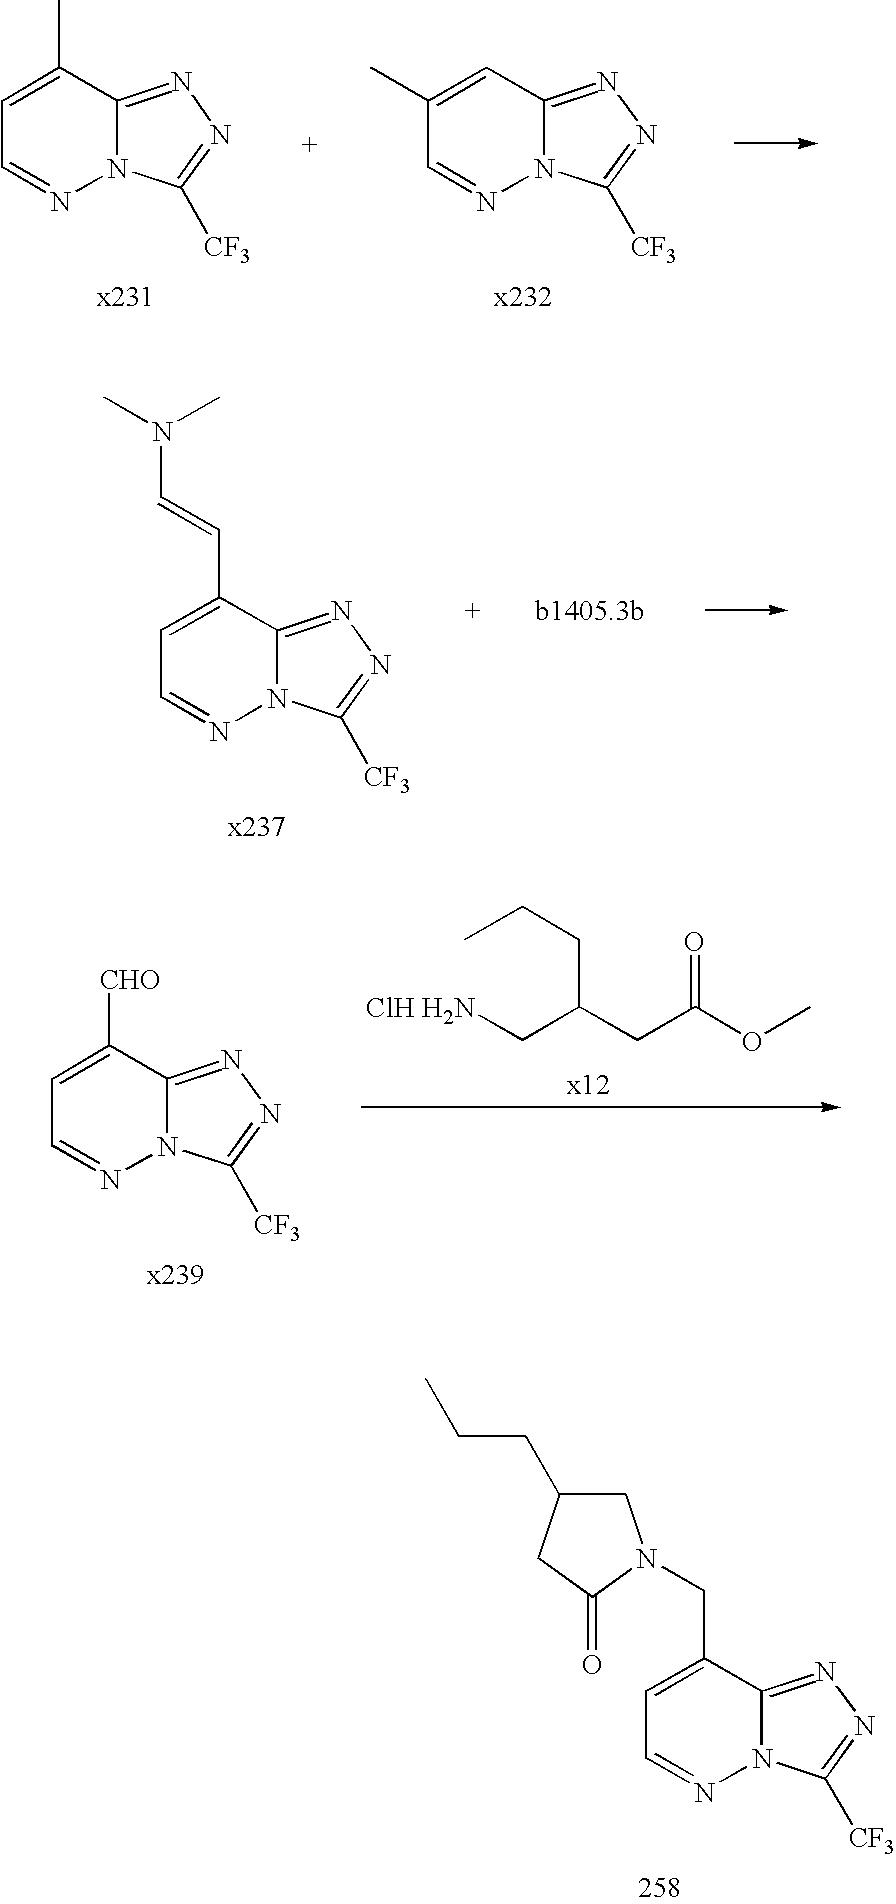 Figure US08178533-20120515-C00102